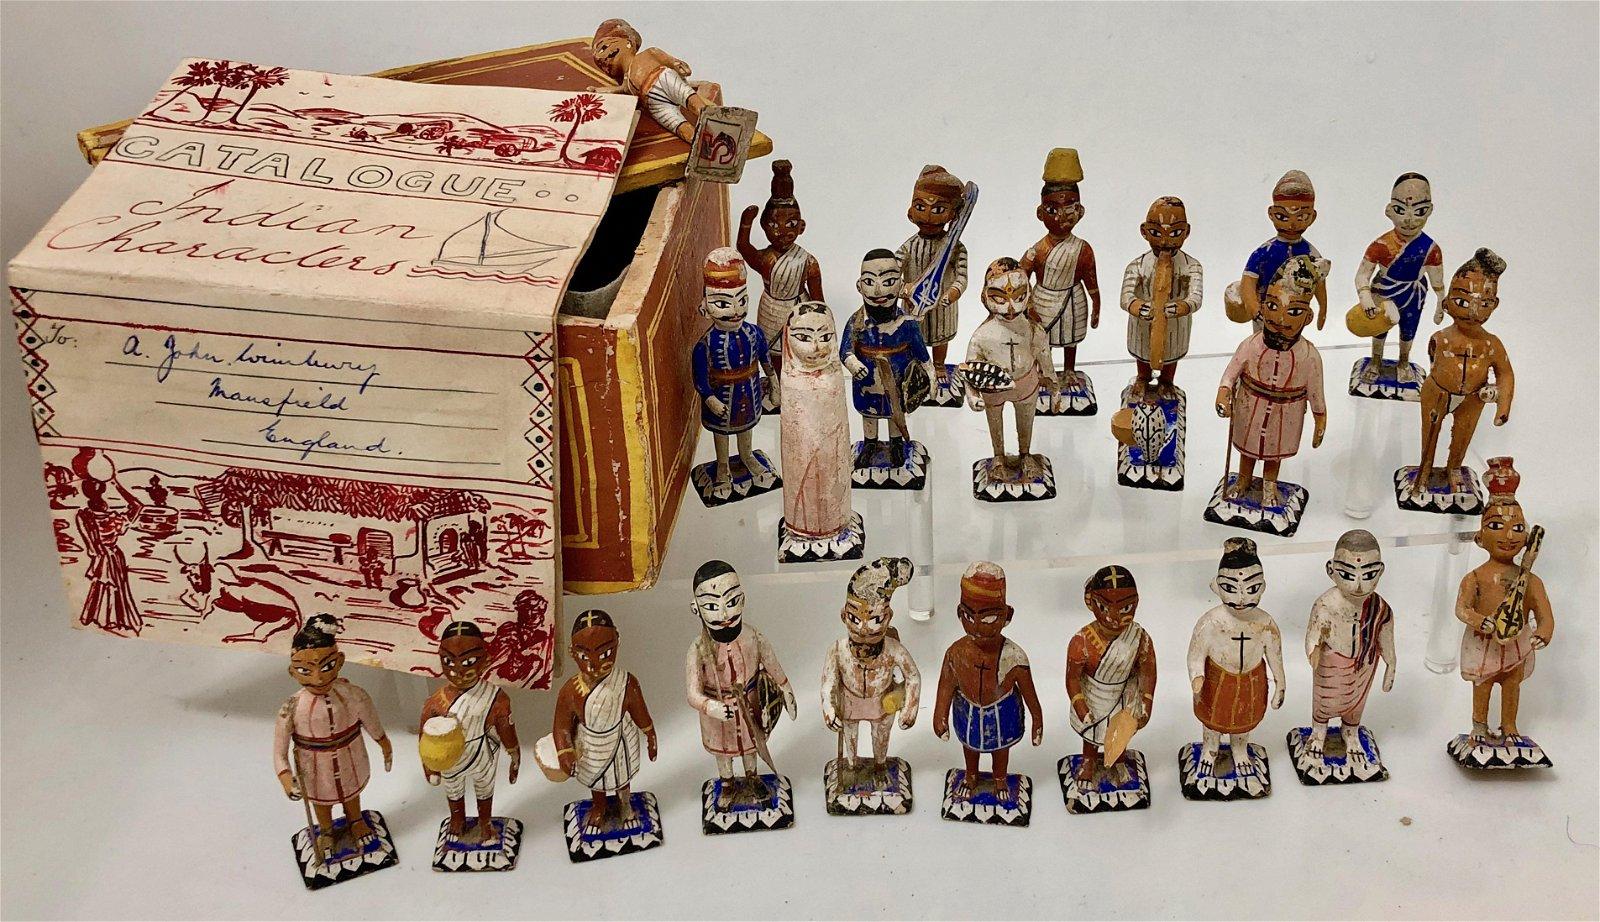 Folk Art Carved Miniature Wood Figures, India 1940s